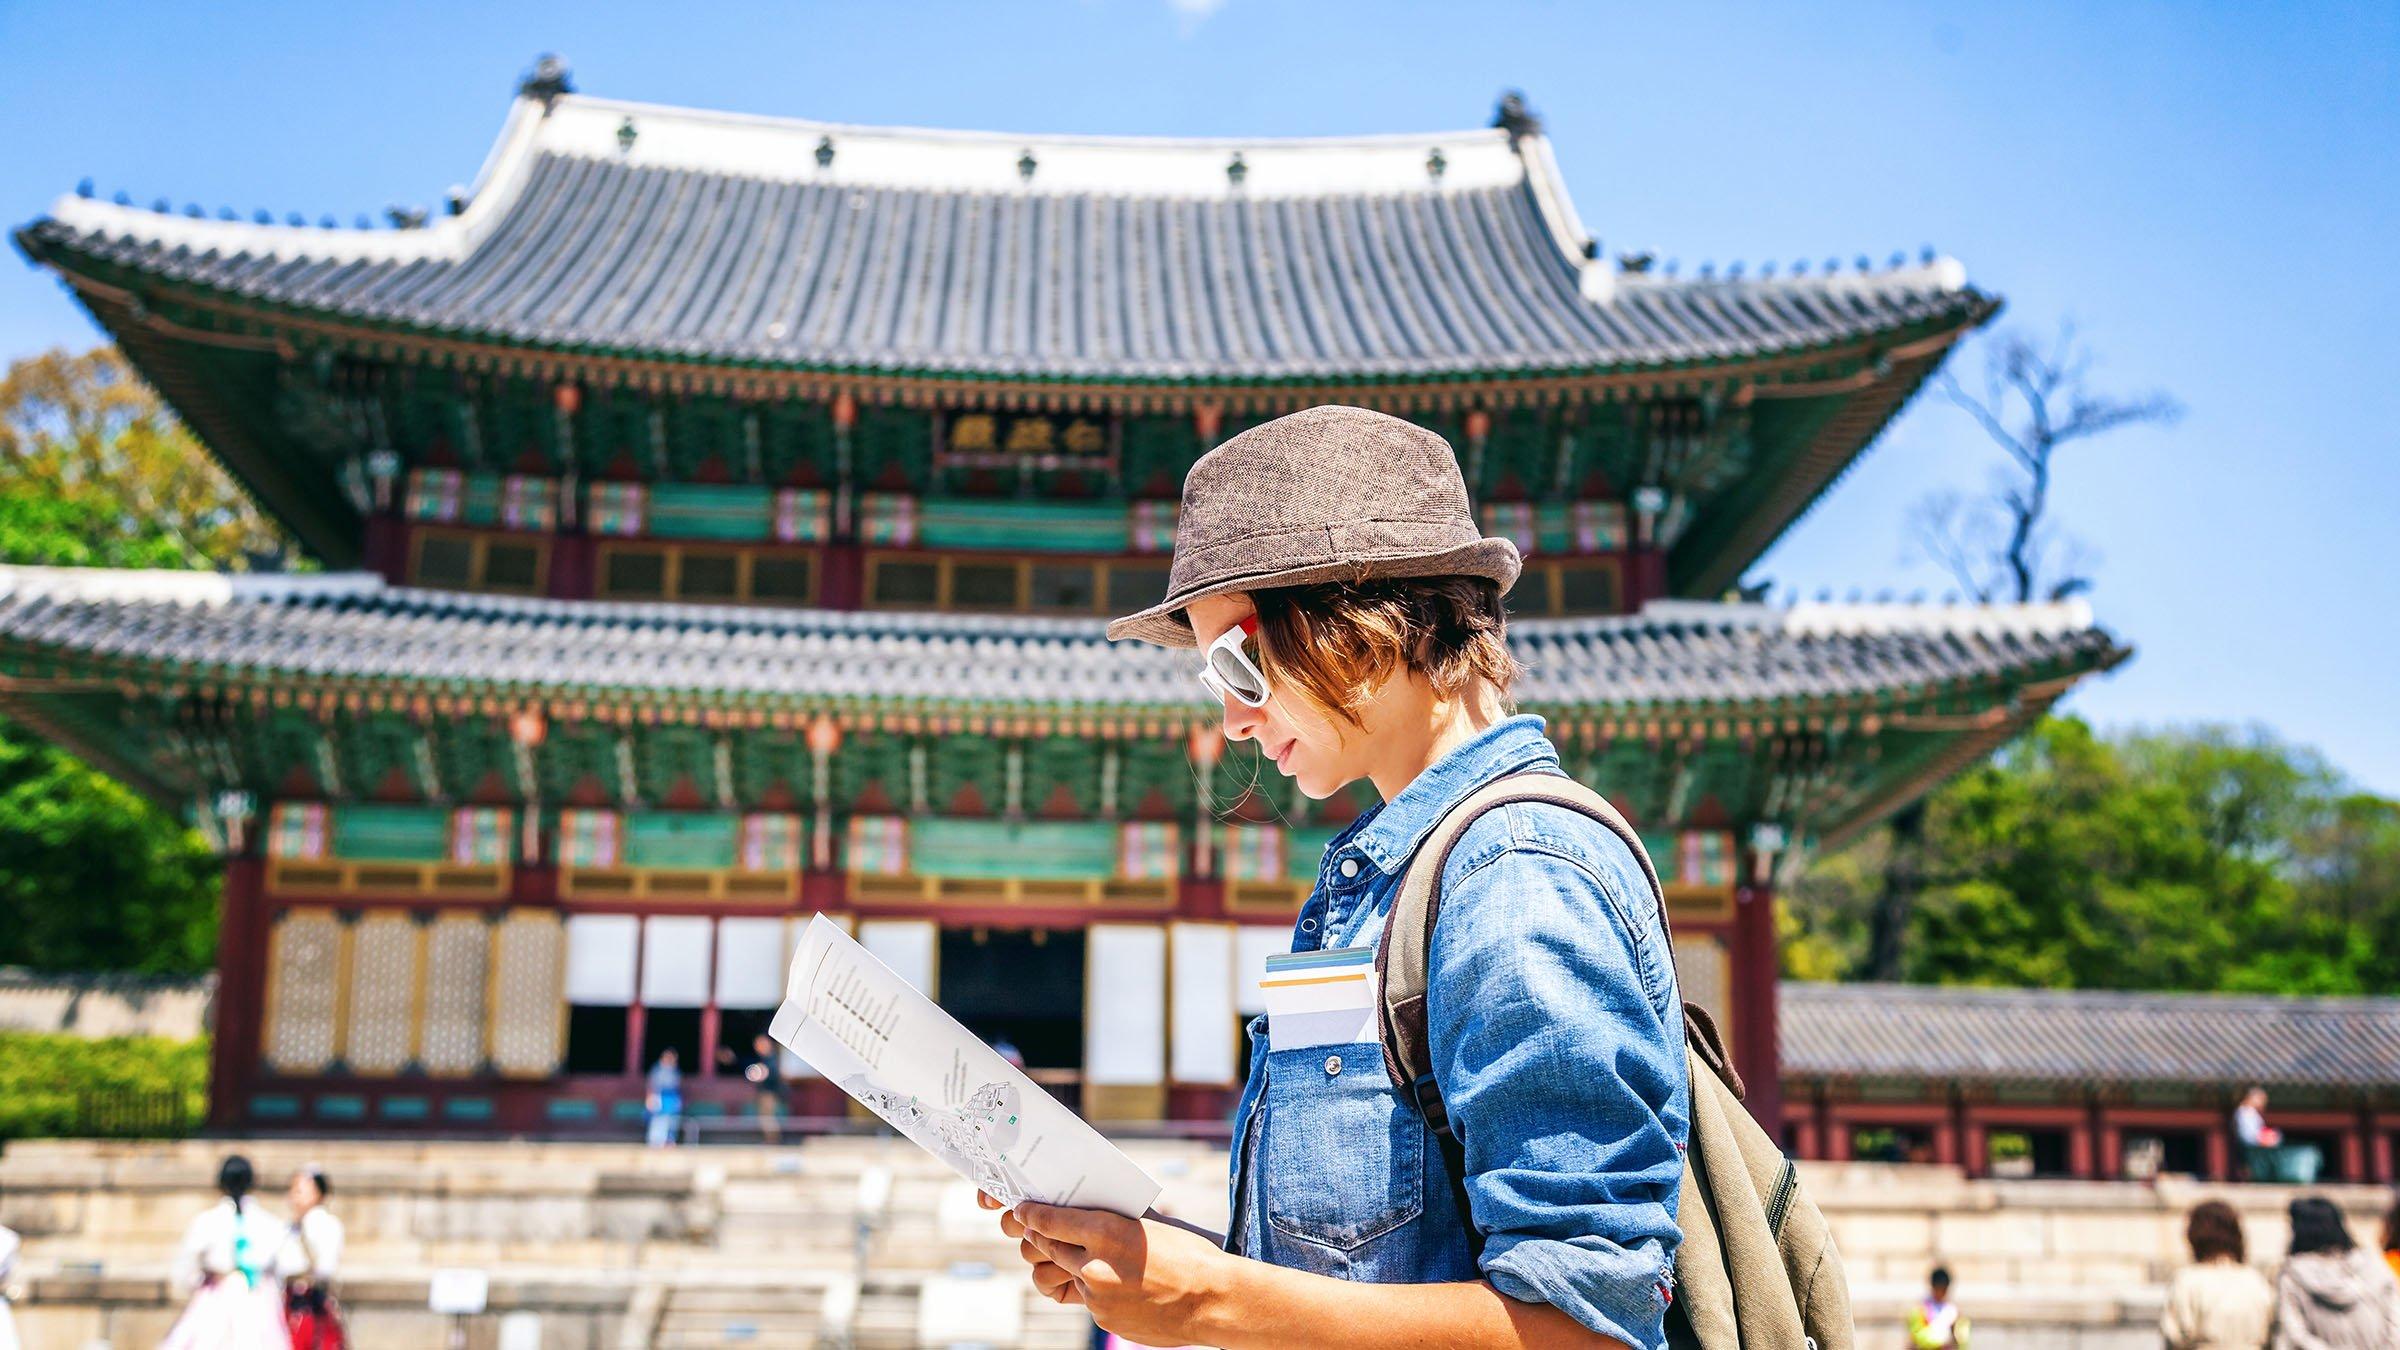 Requisitos para viaje a Corea